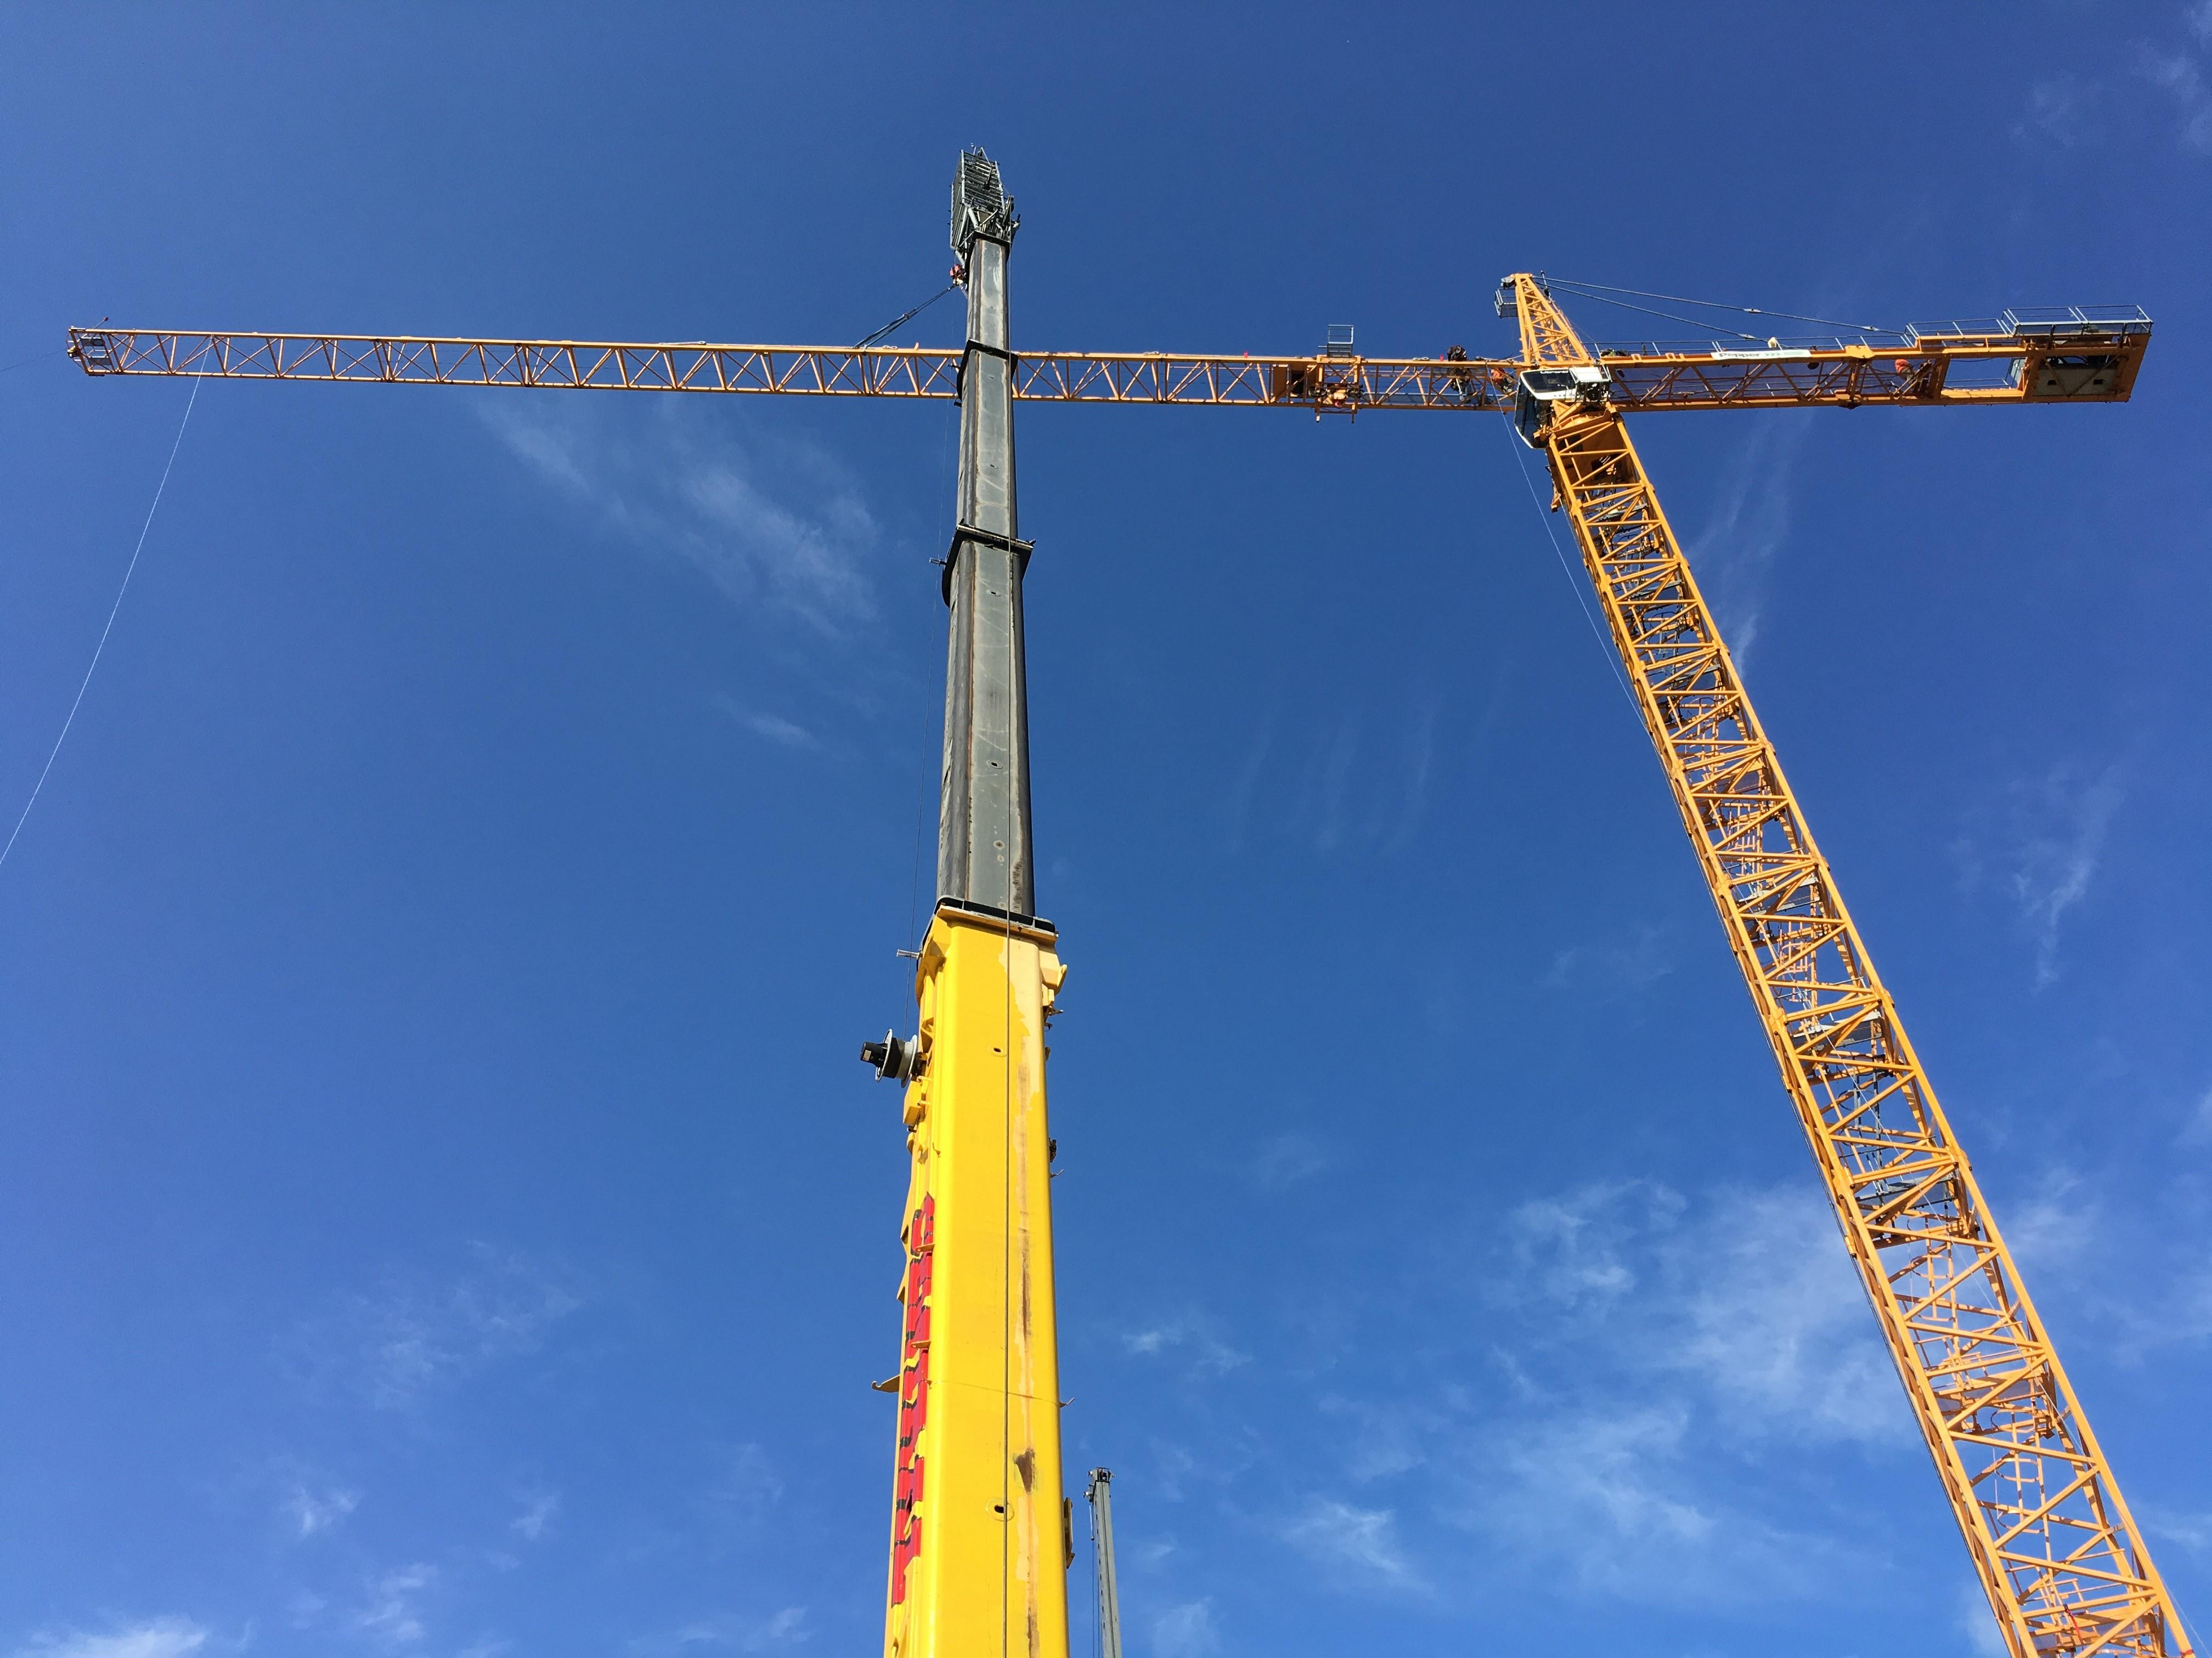 UIC tower crane